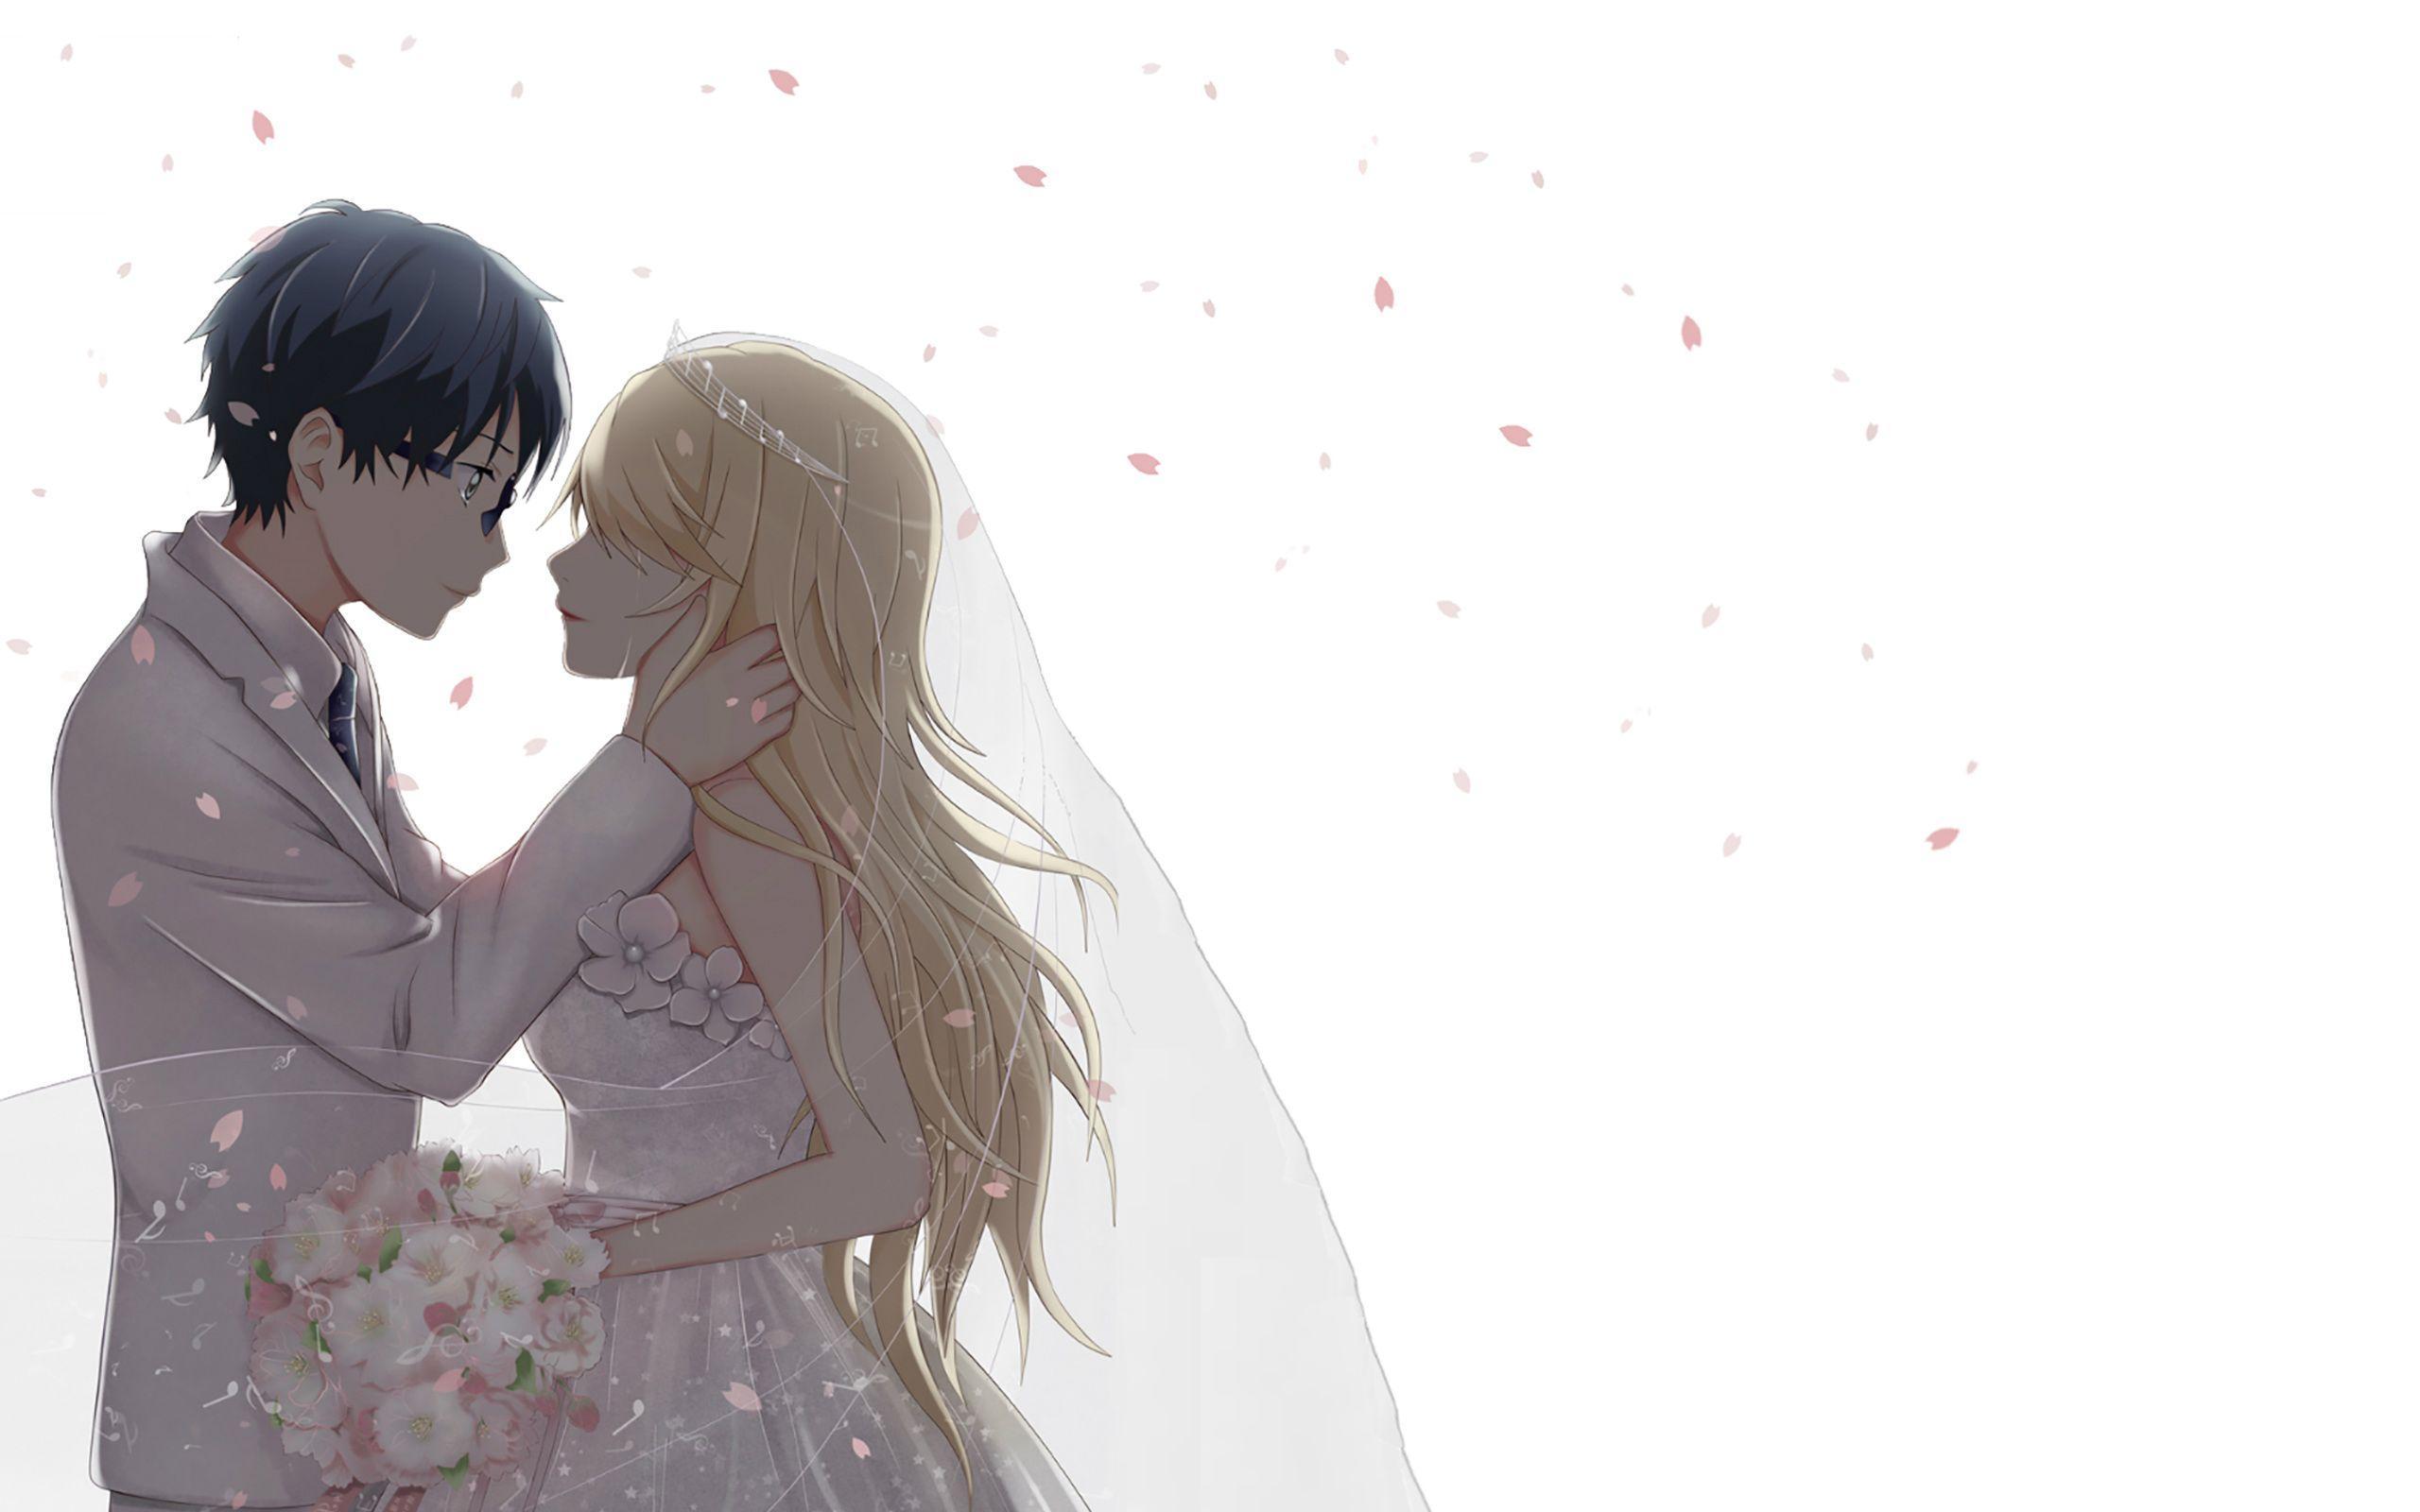 2560x1600 Anime Couple Hình nền đẹp HD cho máy tính xách tay - Một hình nền HD